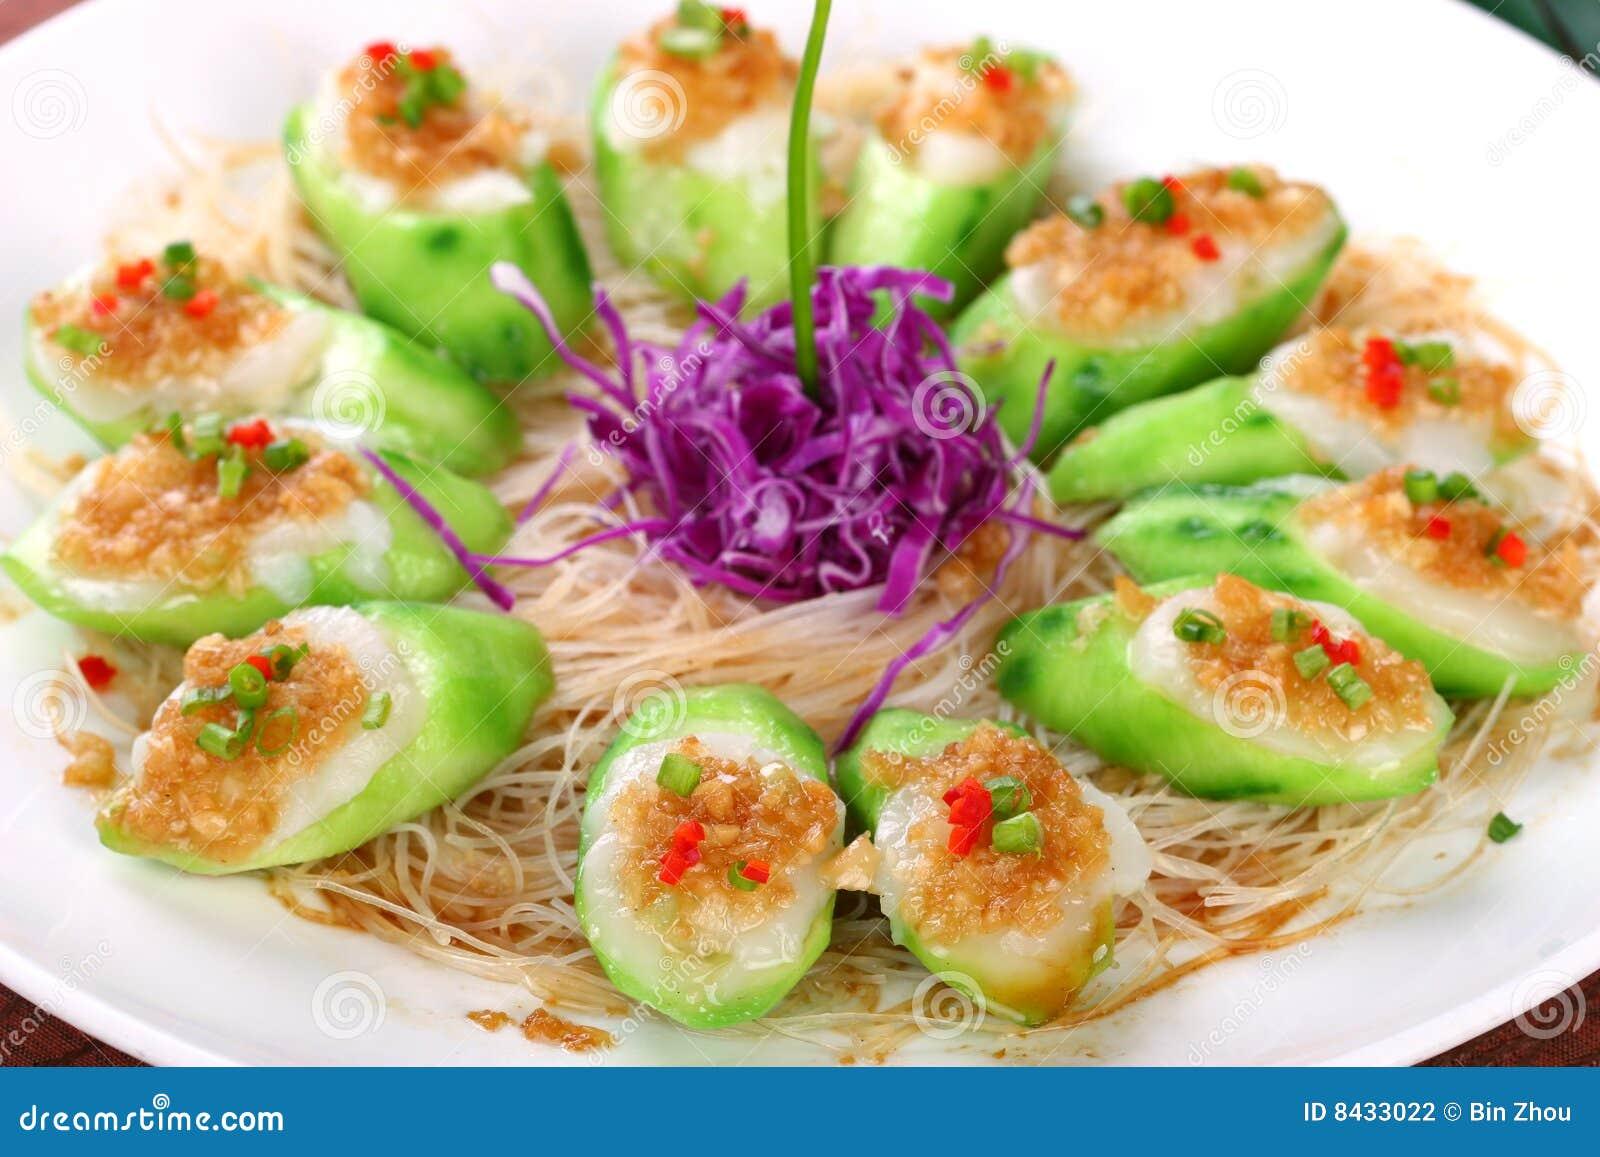 Fry asian food-towel gourd